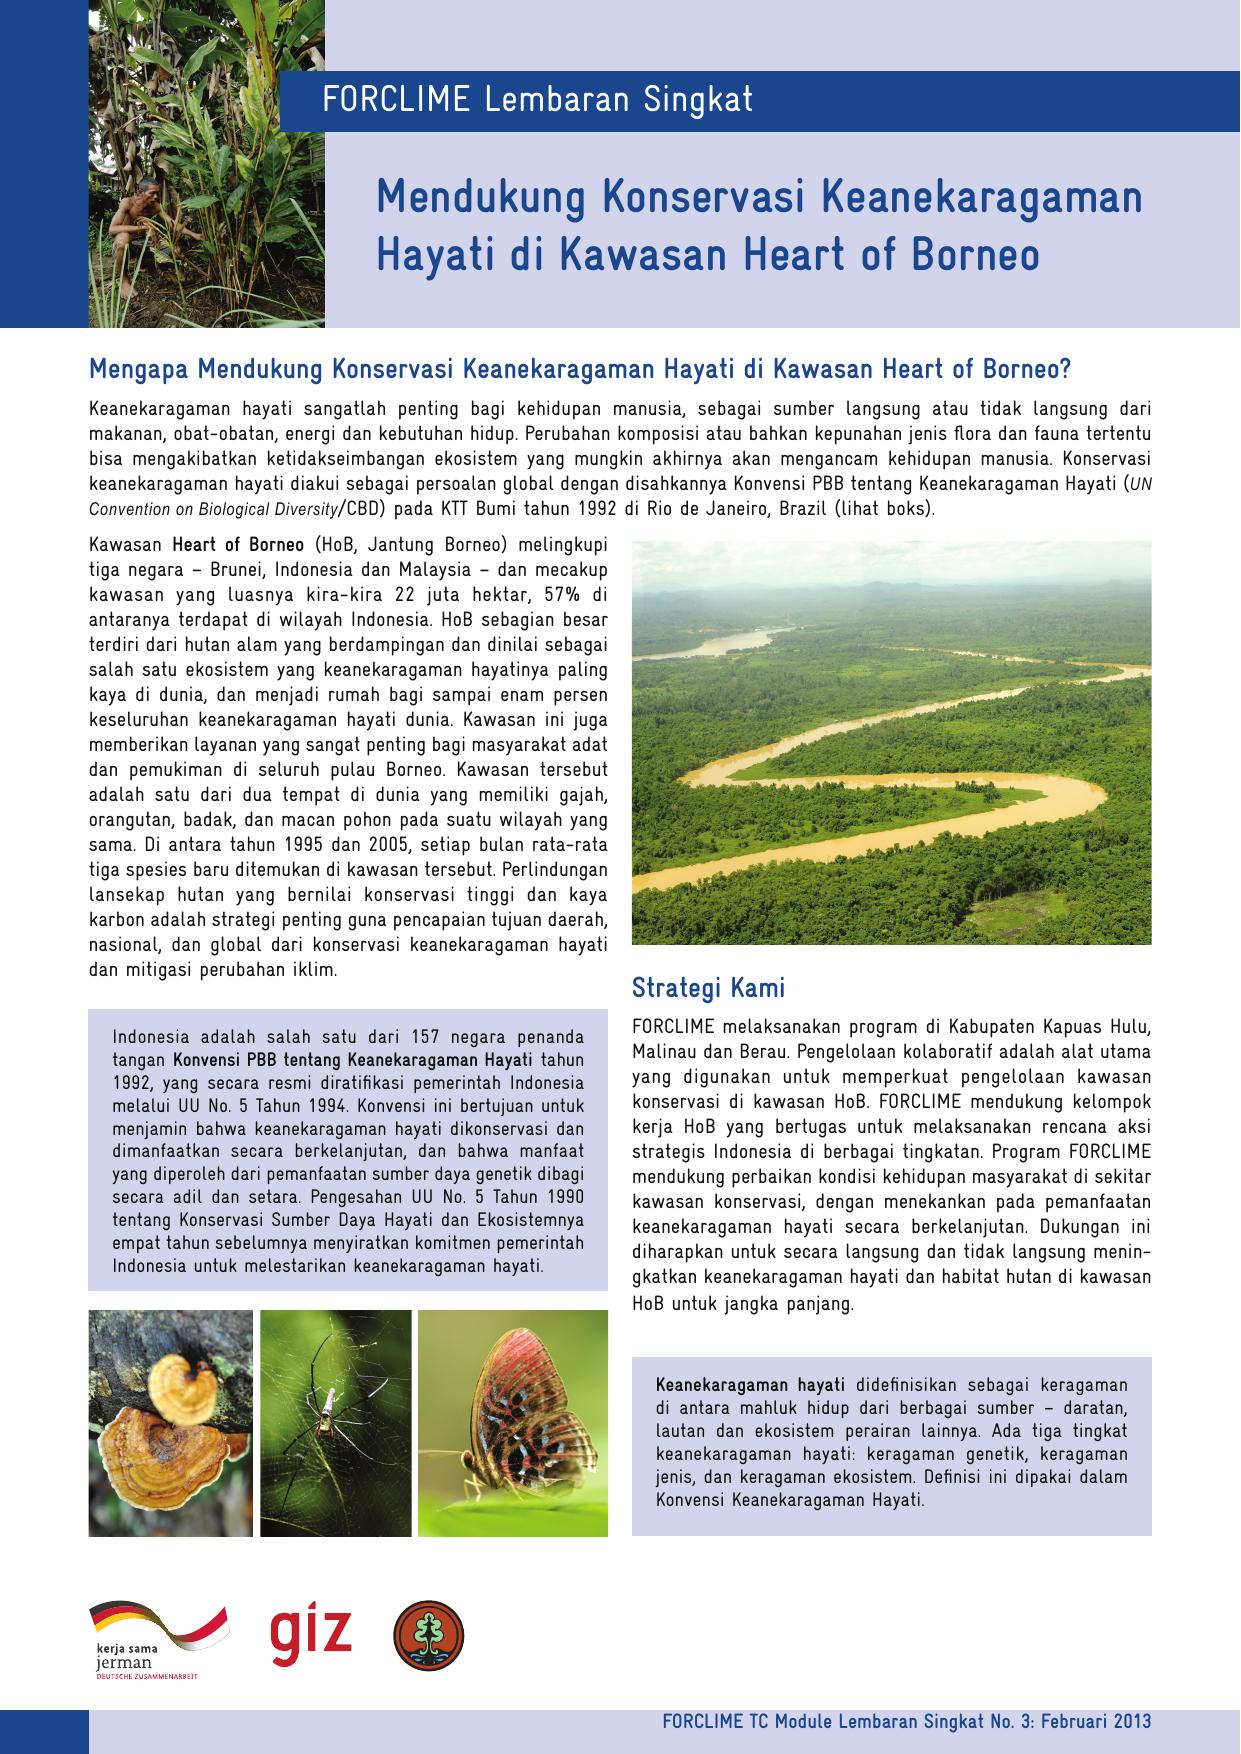 strategi paling penting untuk konservasi keanekaragaman hayati